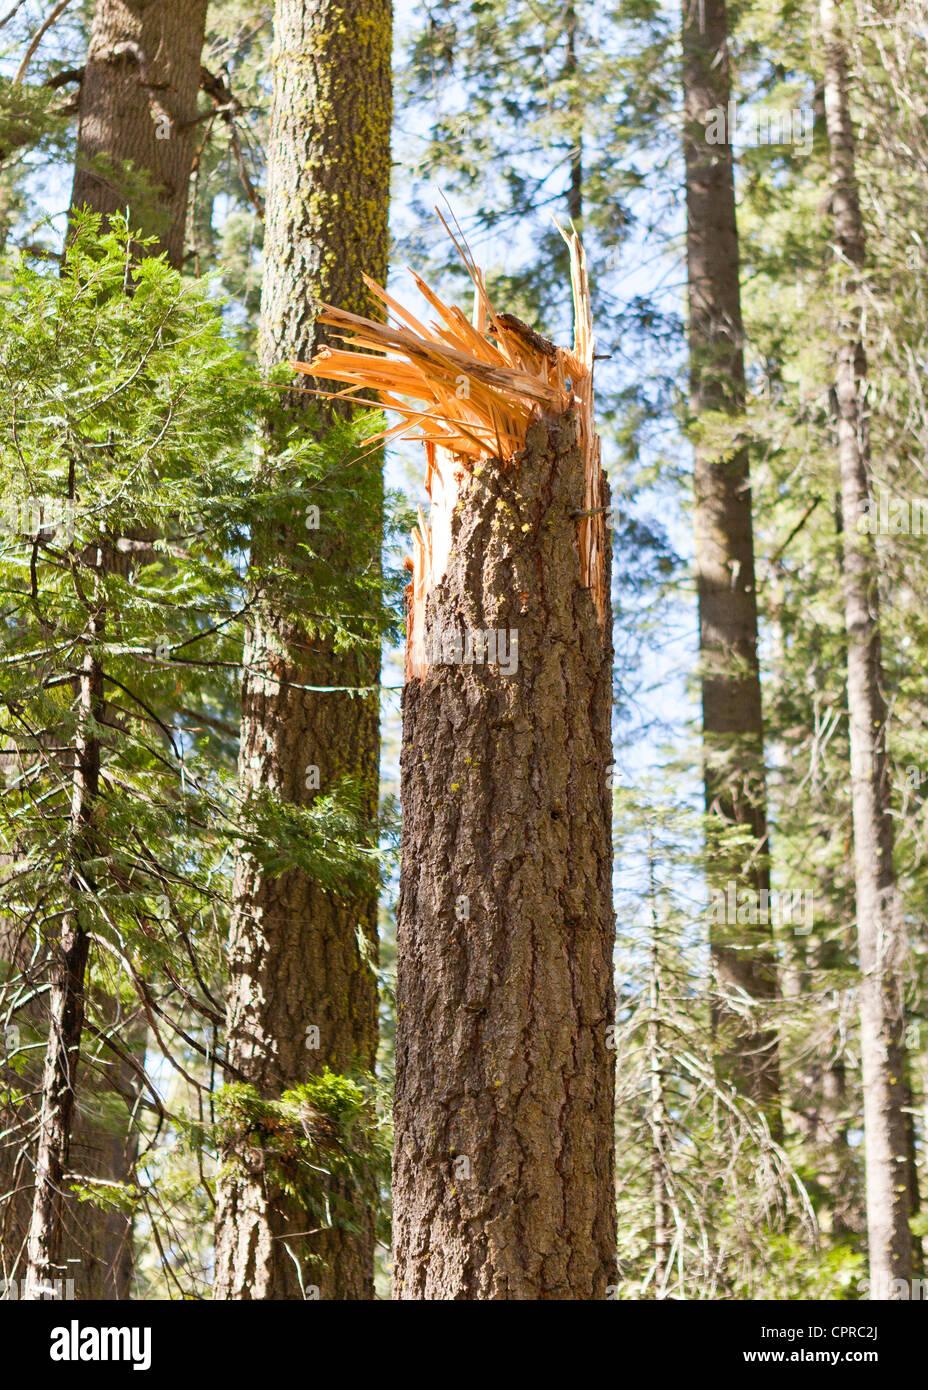 Rotture di tronco di albero a causa di forti venti Immagini Stock